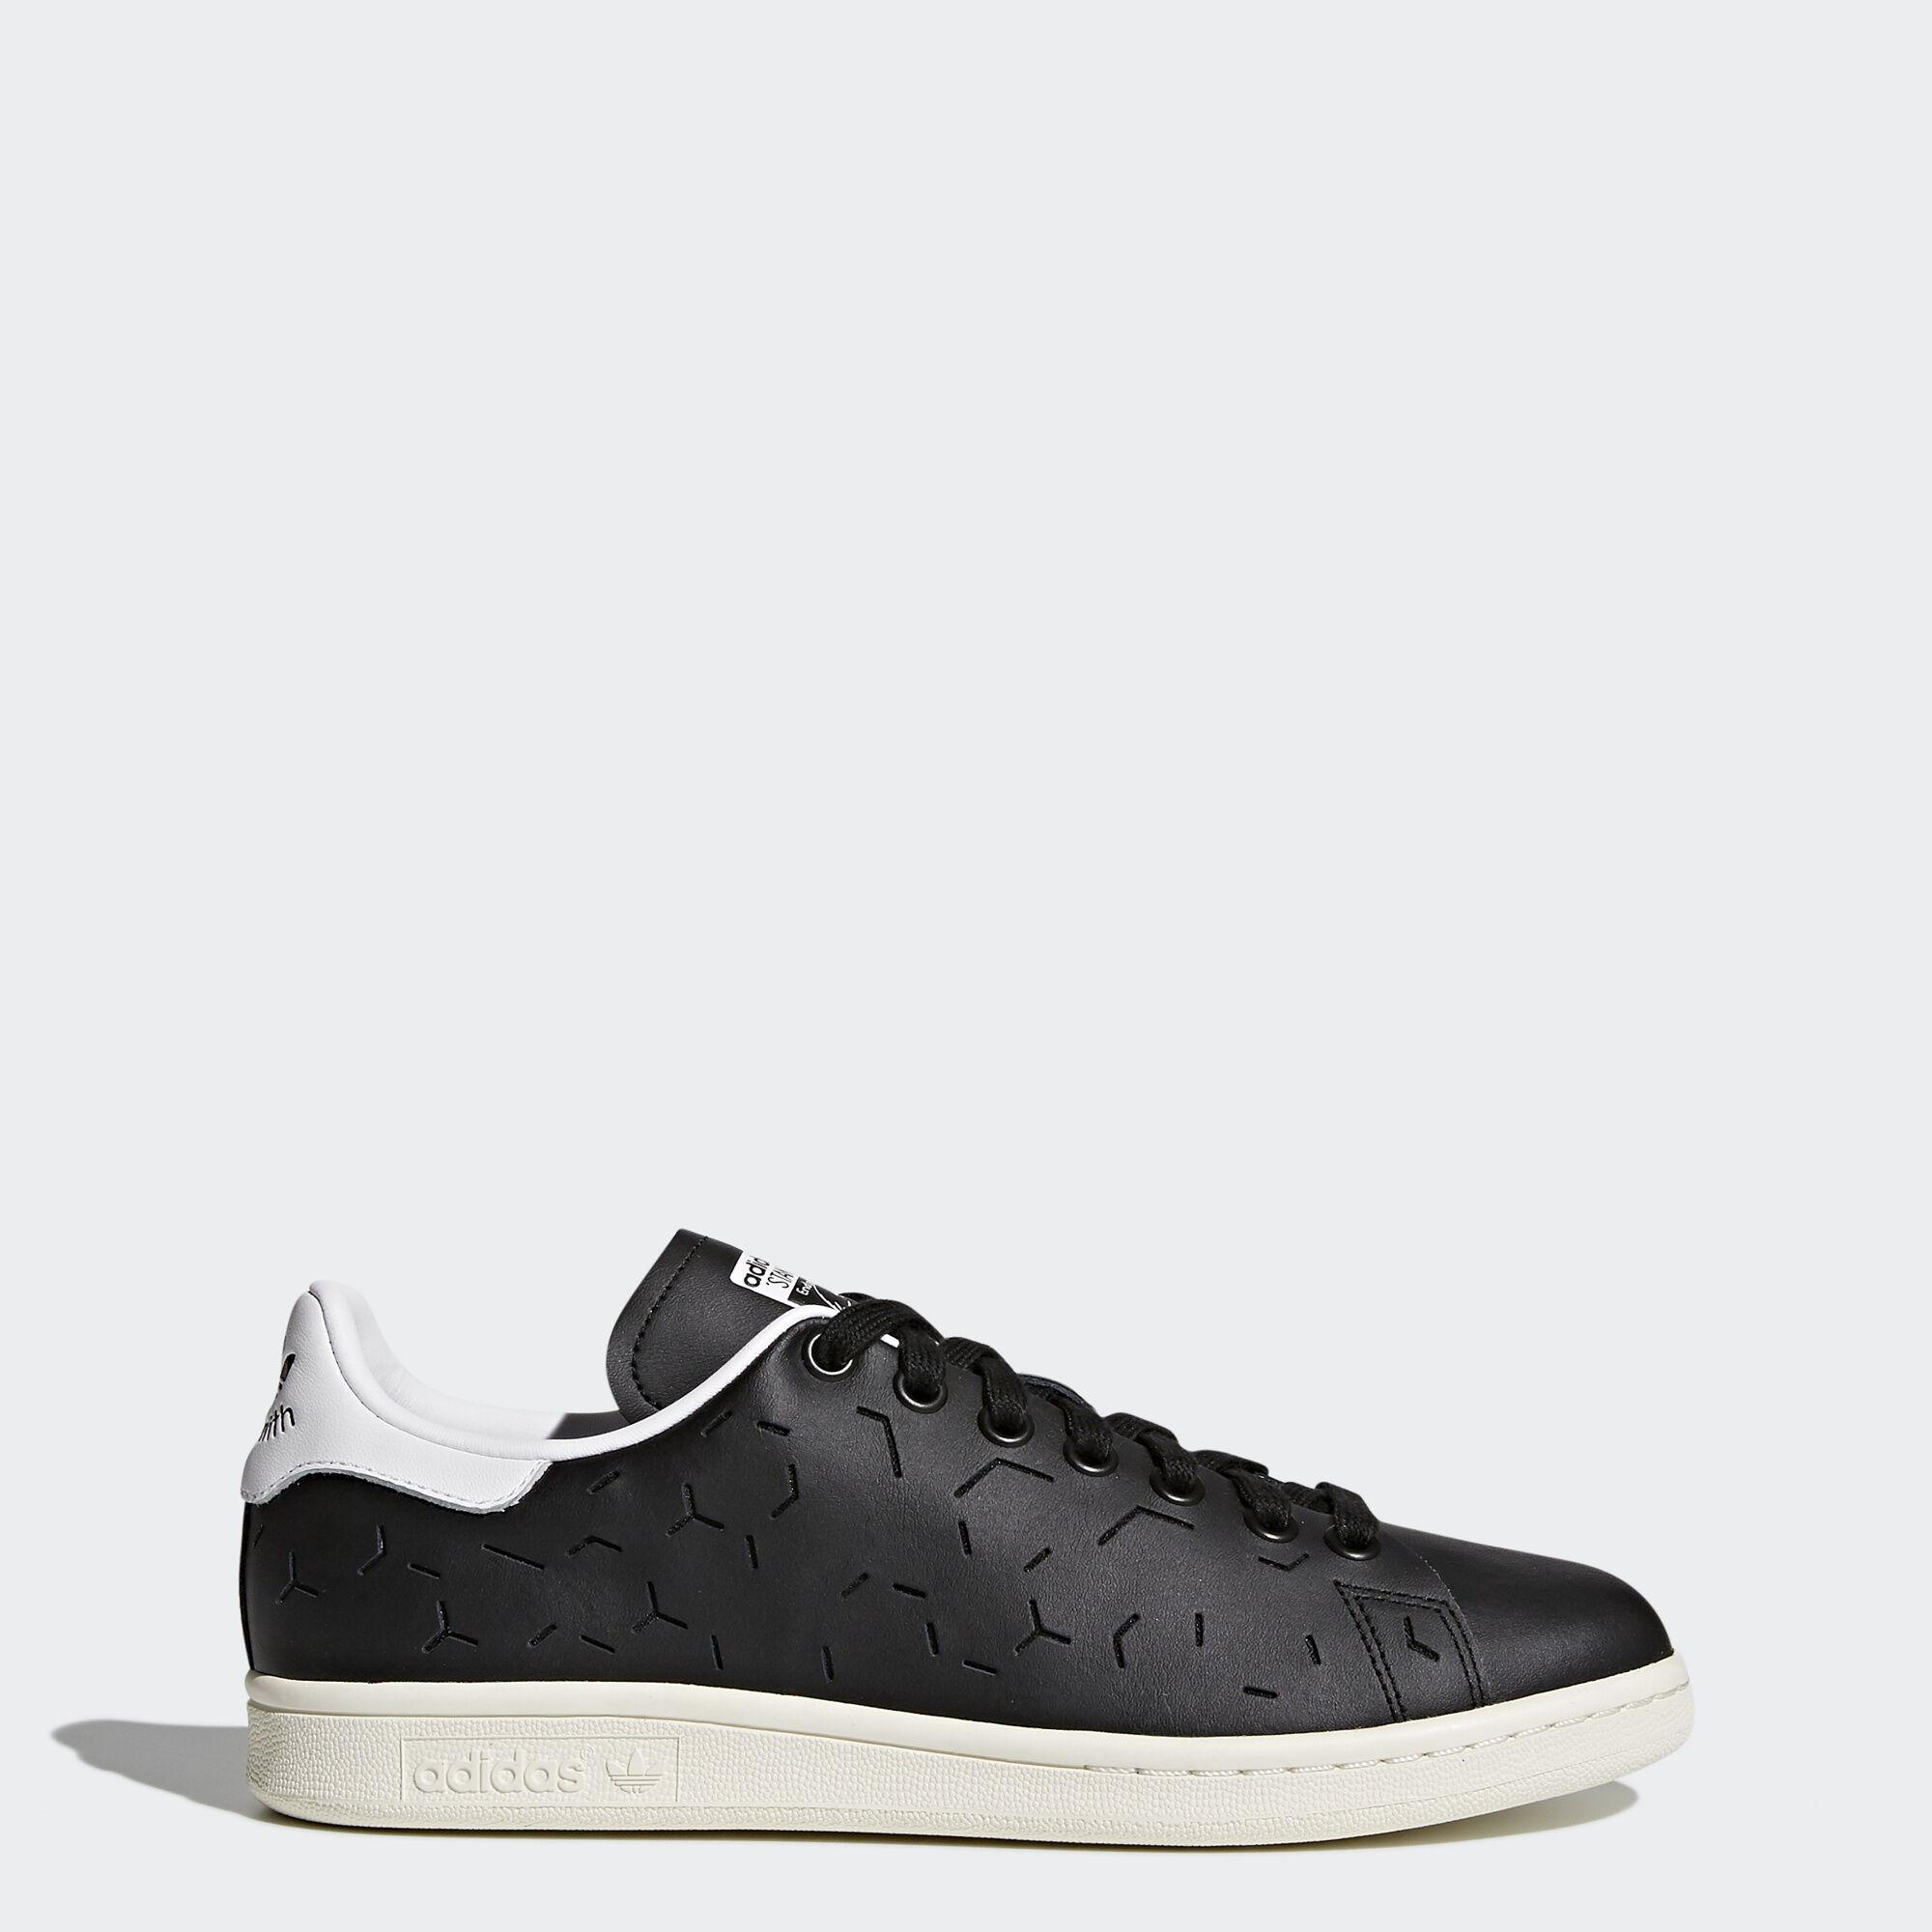 Slvr Adidas Shoes